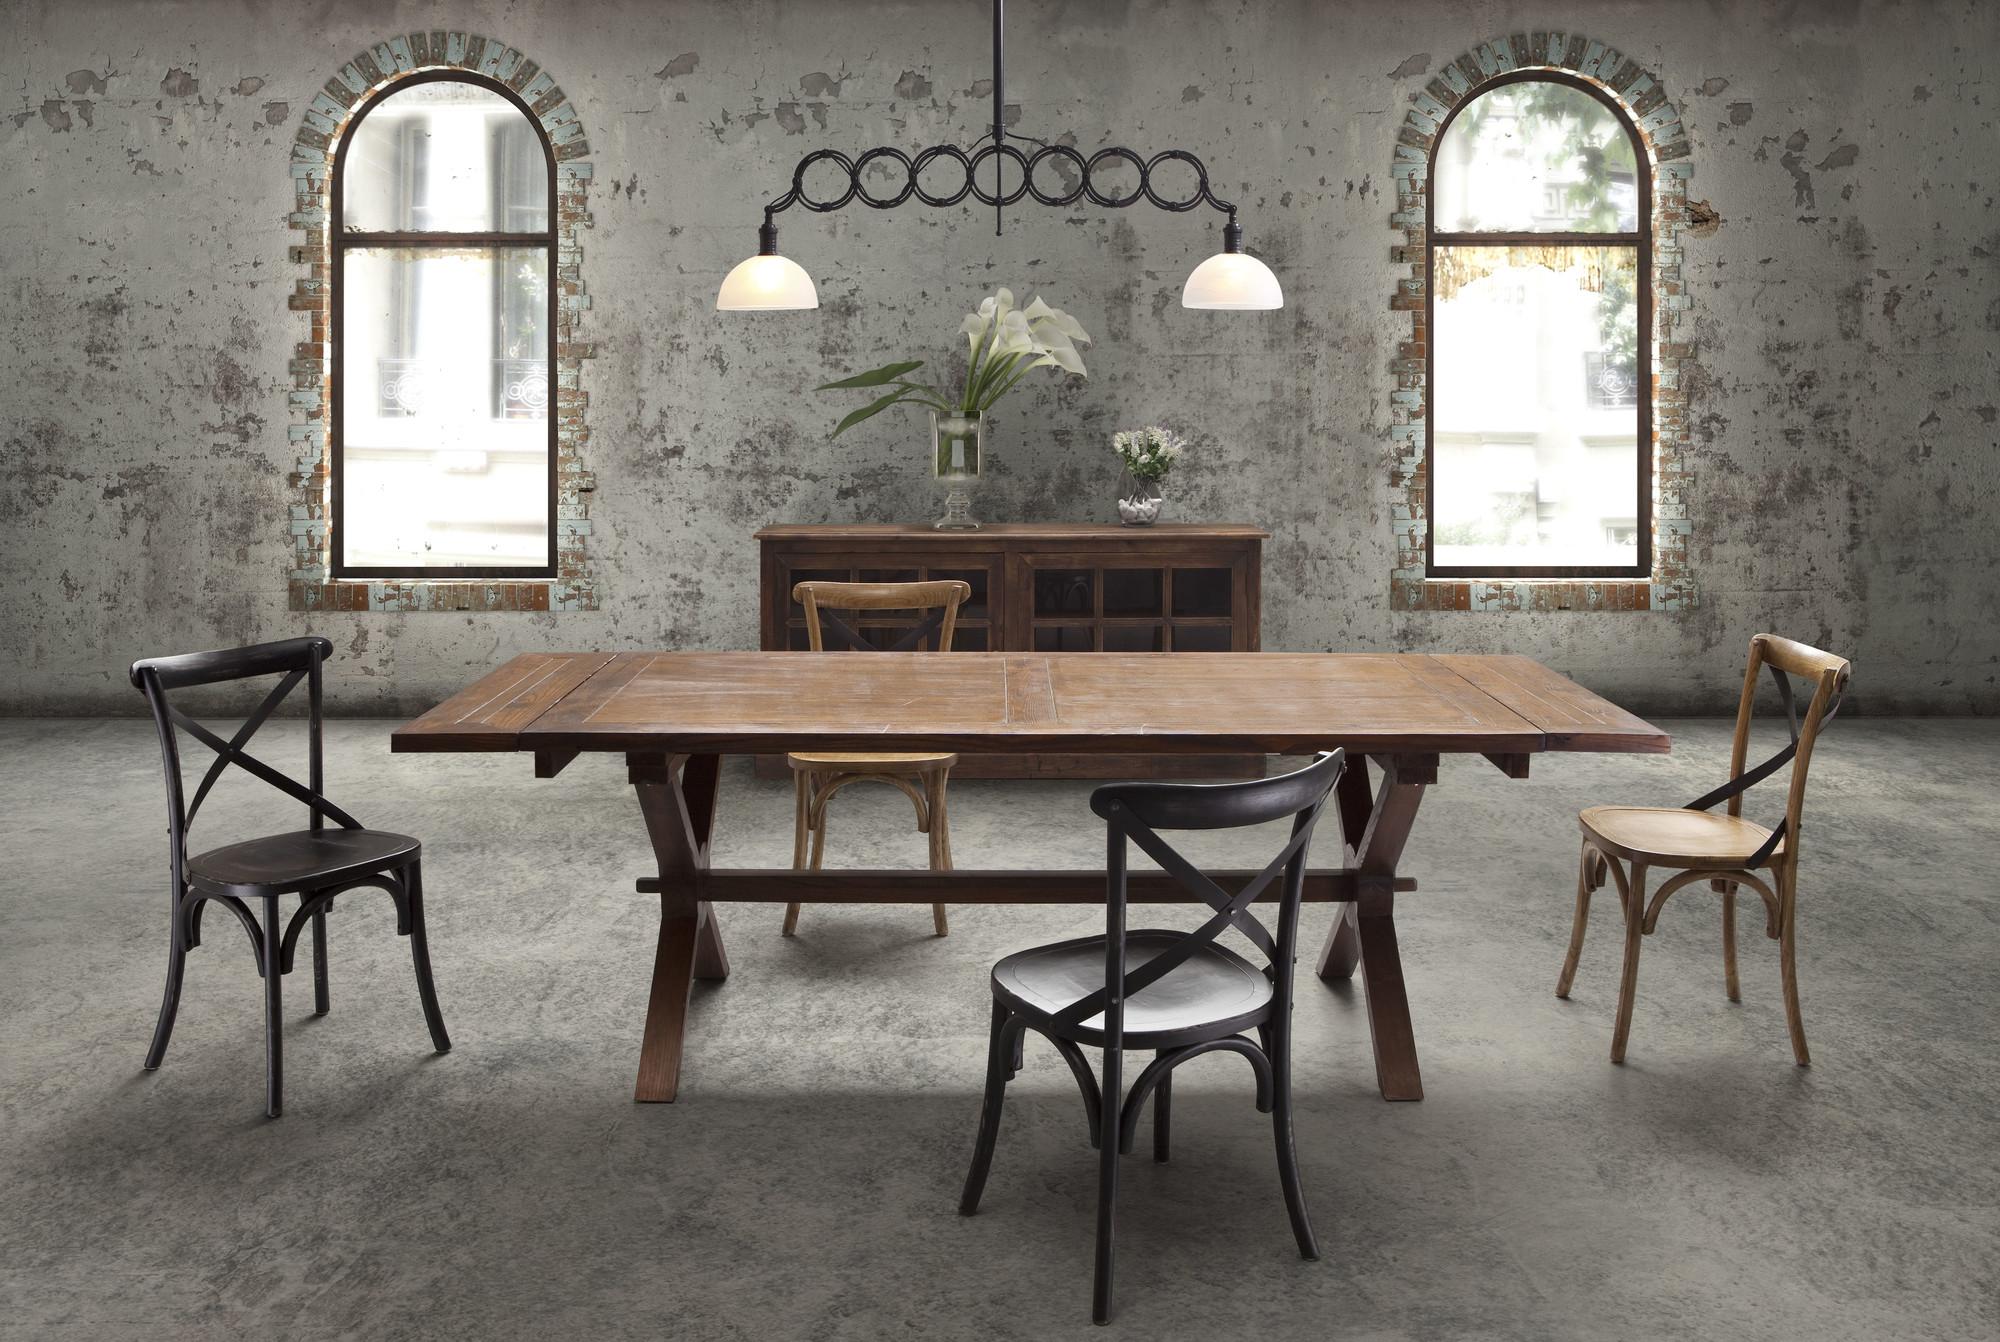 laurel-heights-table-dining.jpg